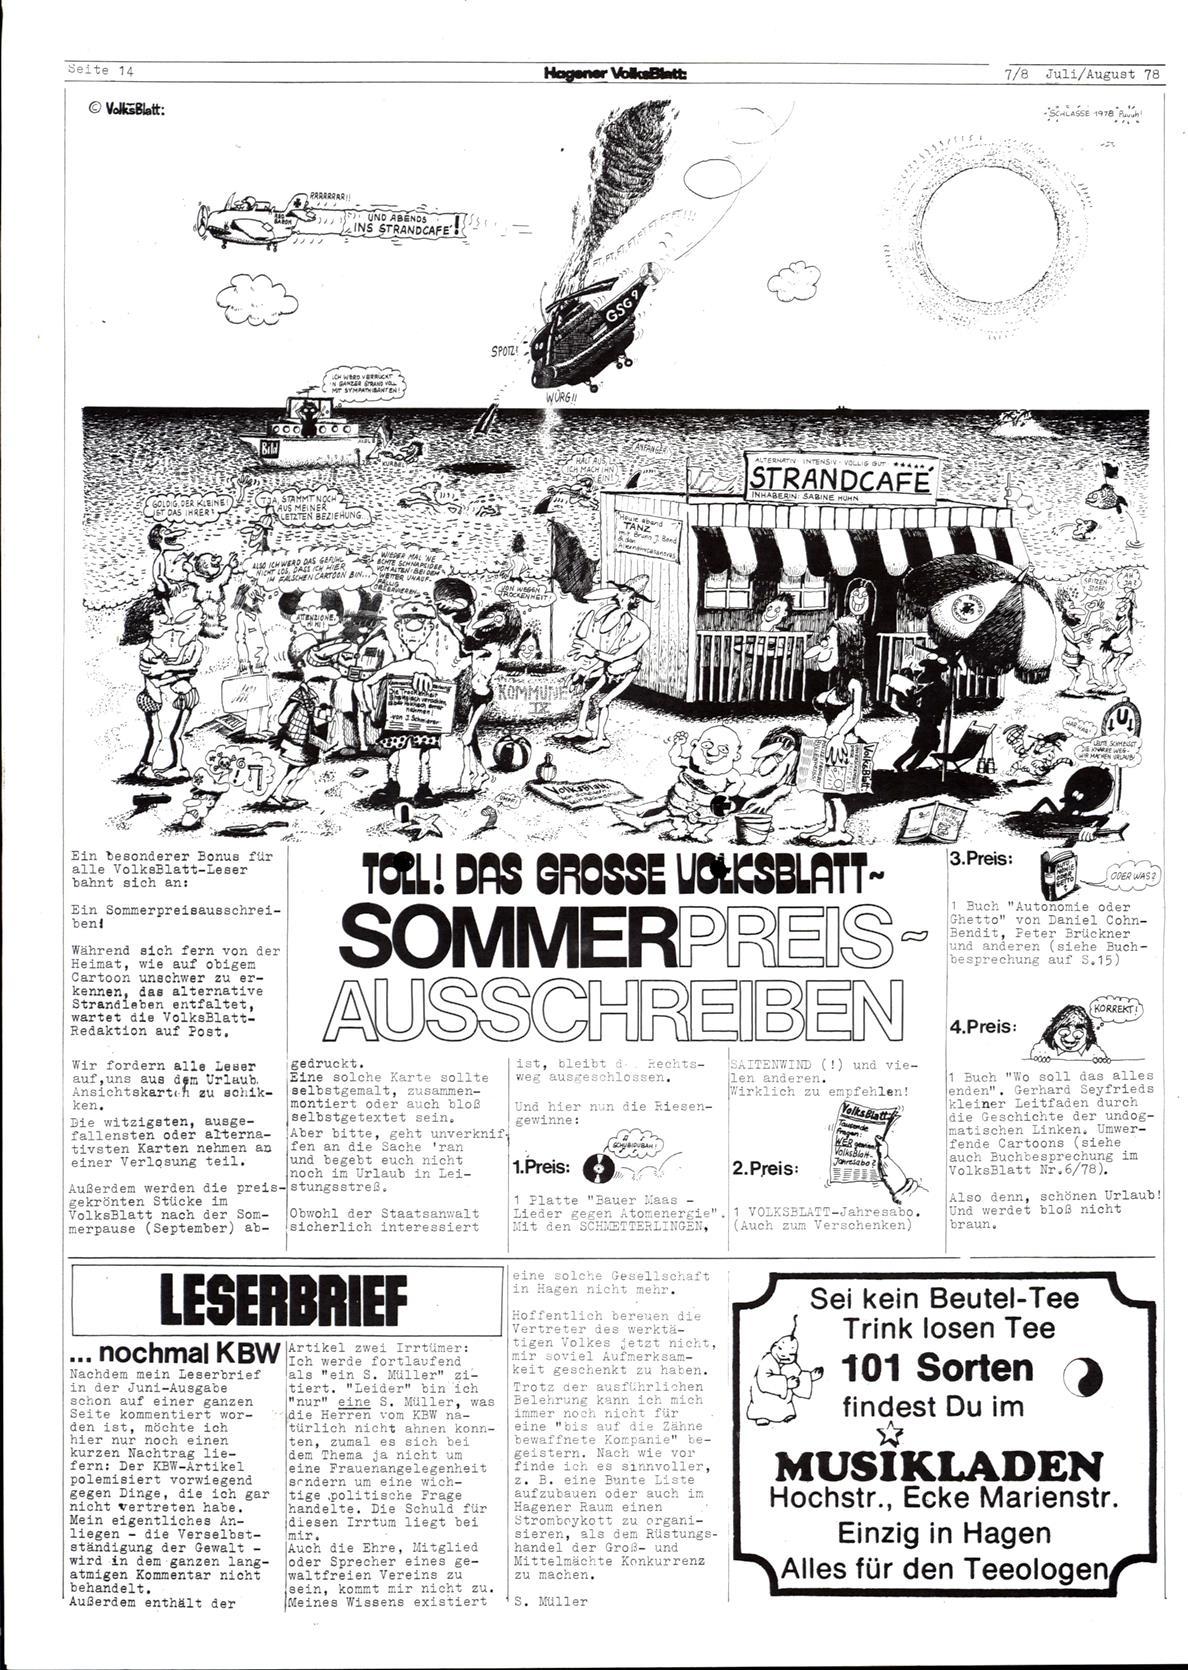 Hagen_Volksblatt_19780800_14